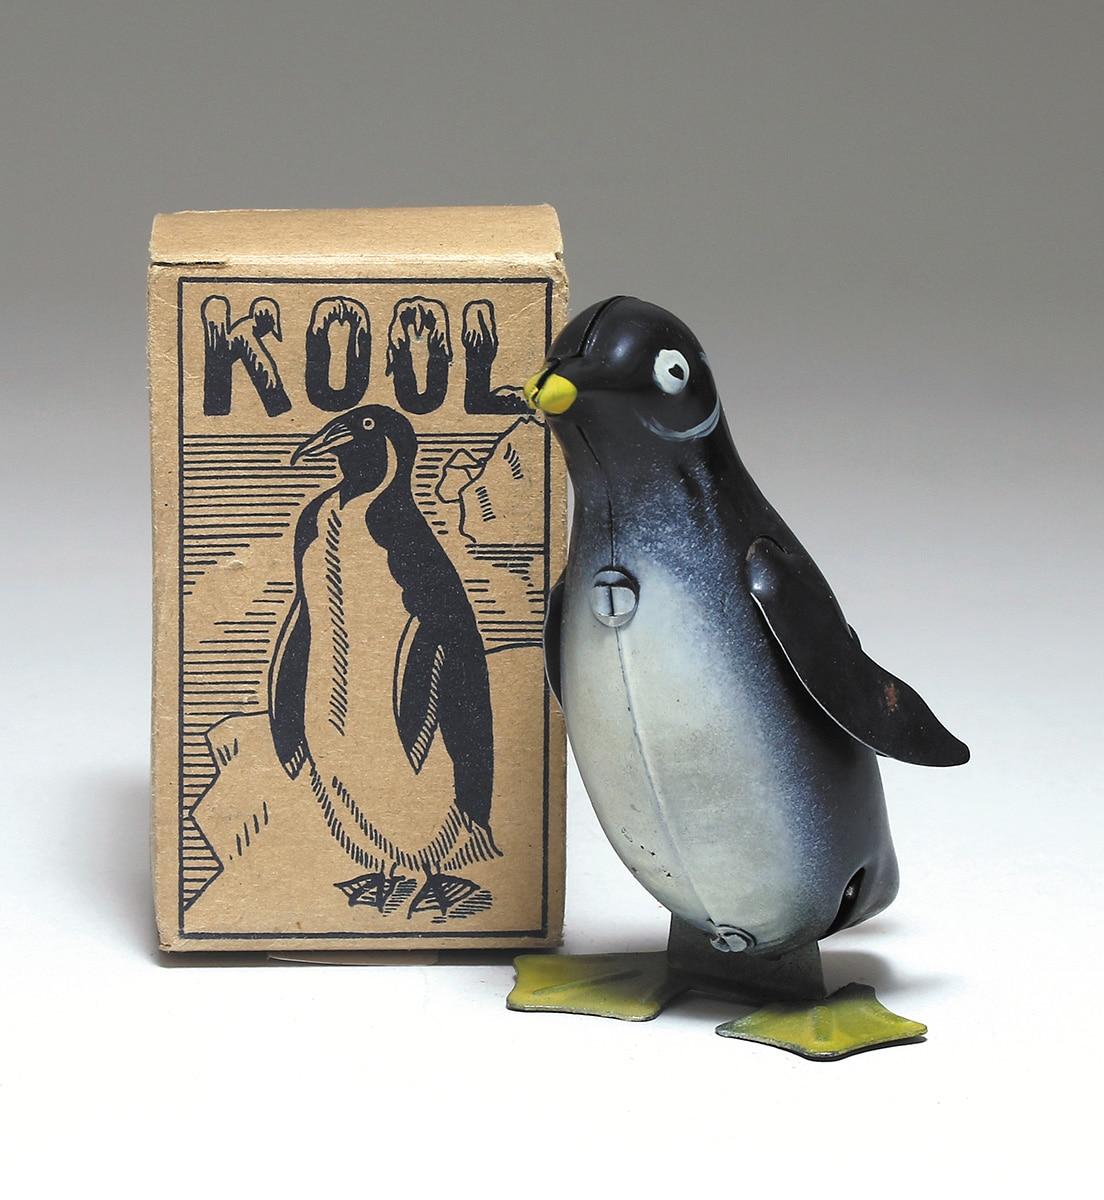 kool ペンギン